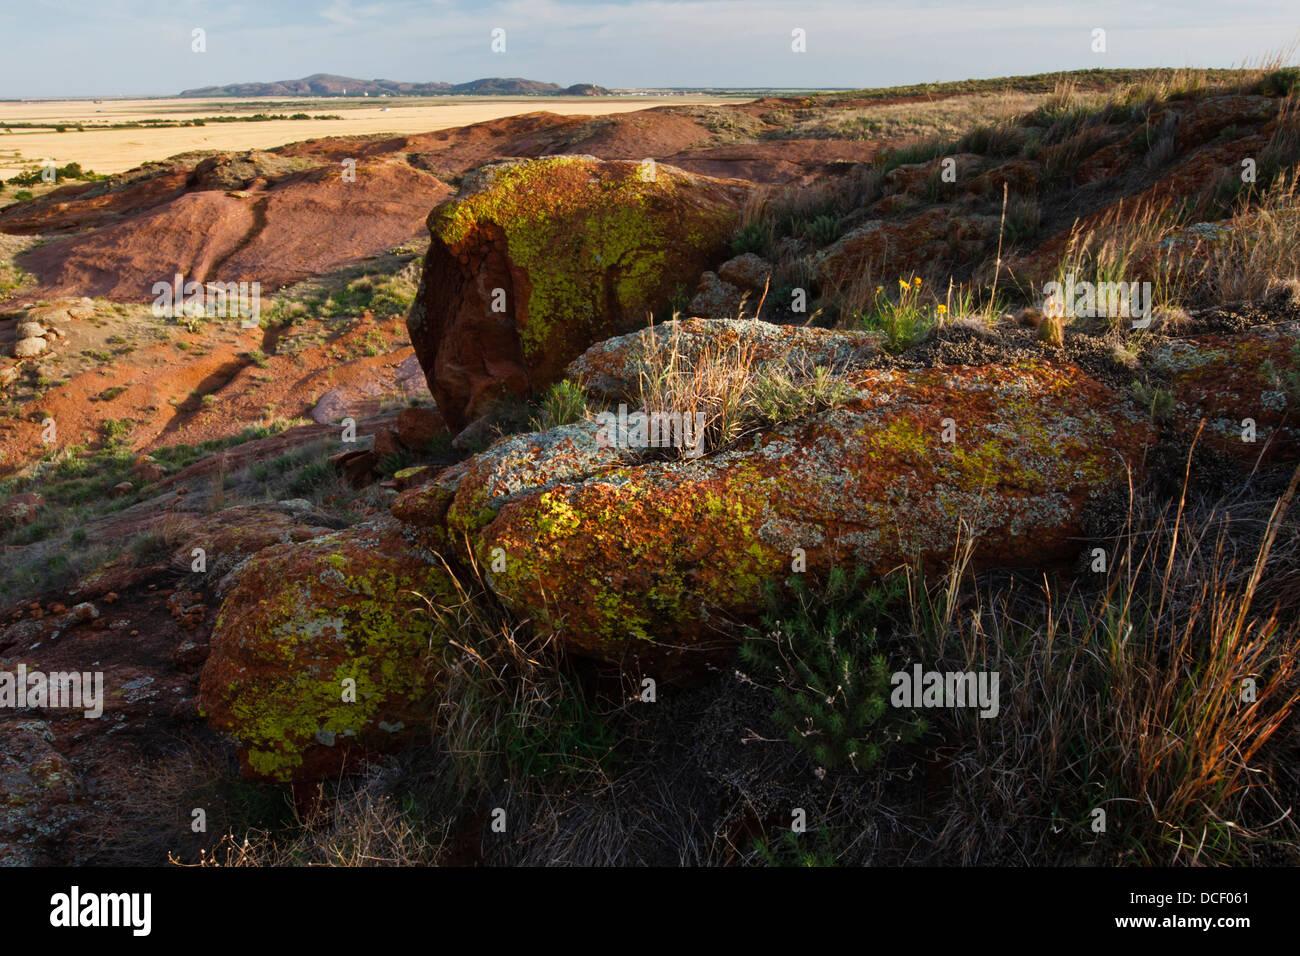 Wichita Mountains in southwest Oklahoma, USA. - Stock Image